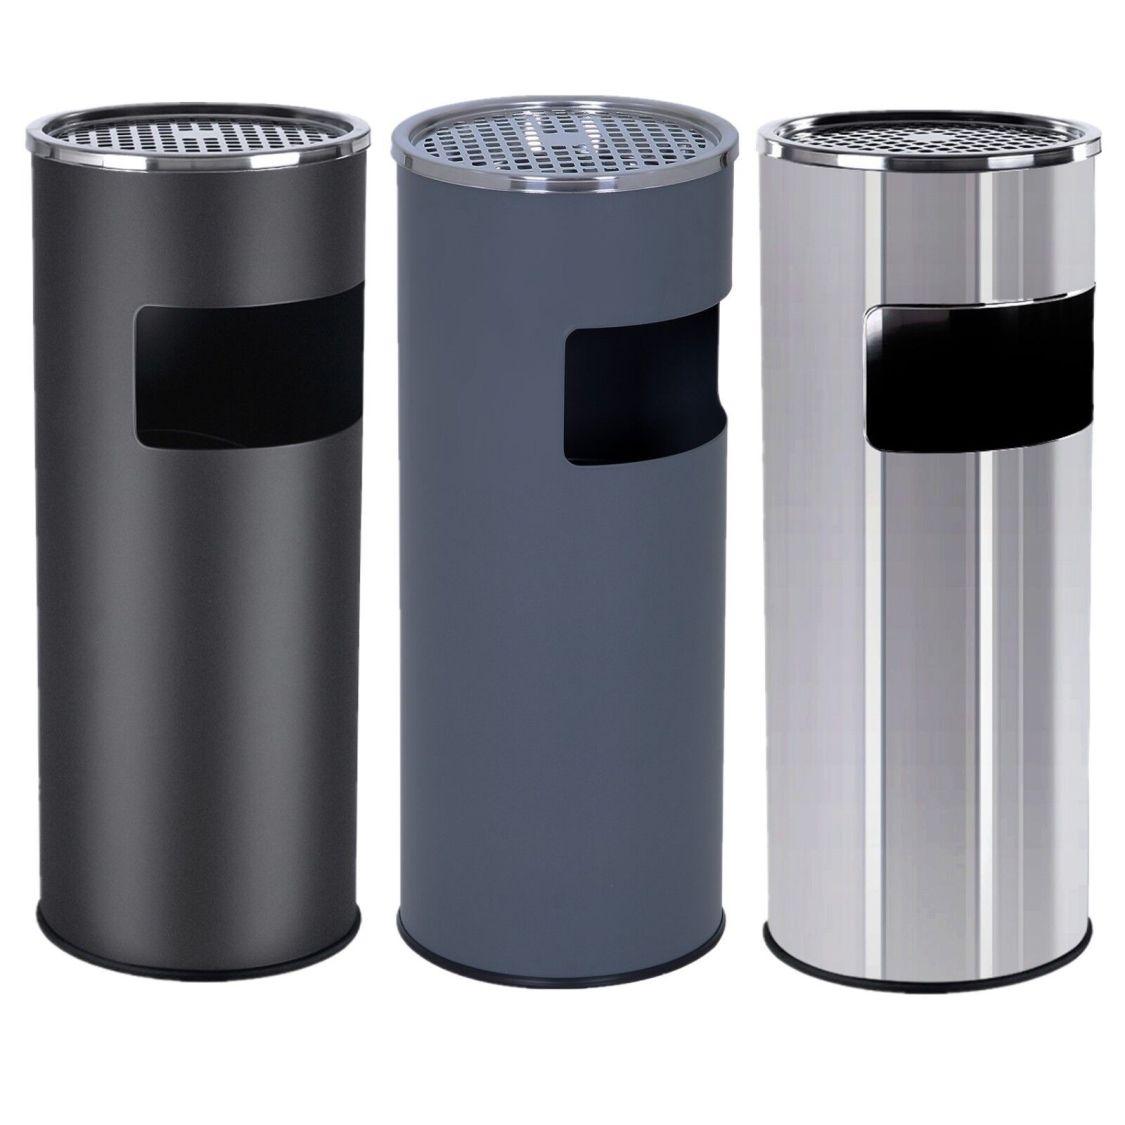 Mülltrenner Edelstahl Standaschenbecher Standascher Mülleimer mit Inneneimer 30L